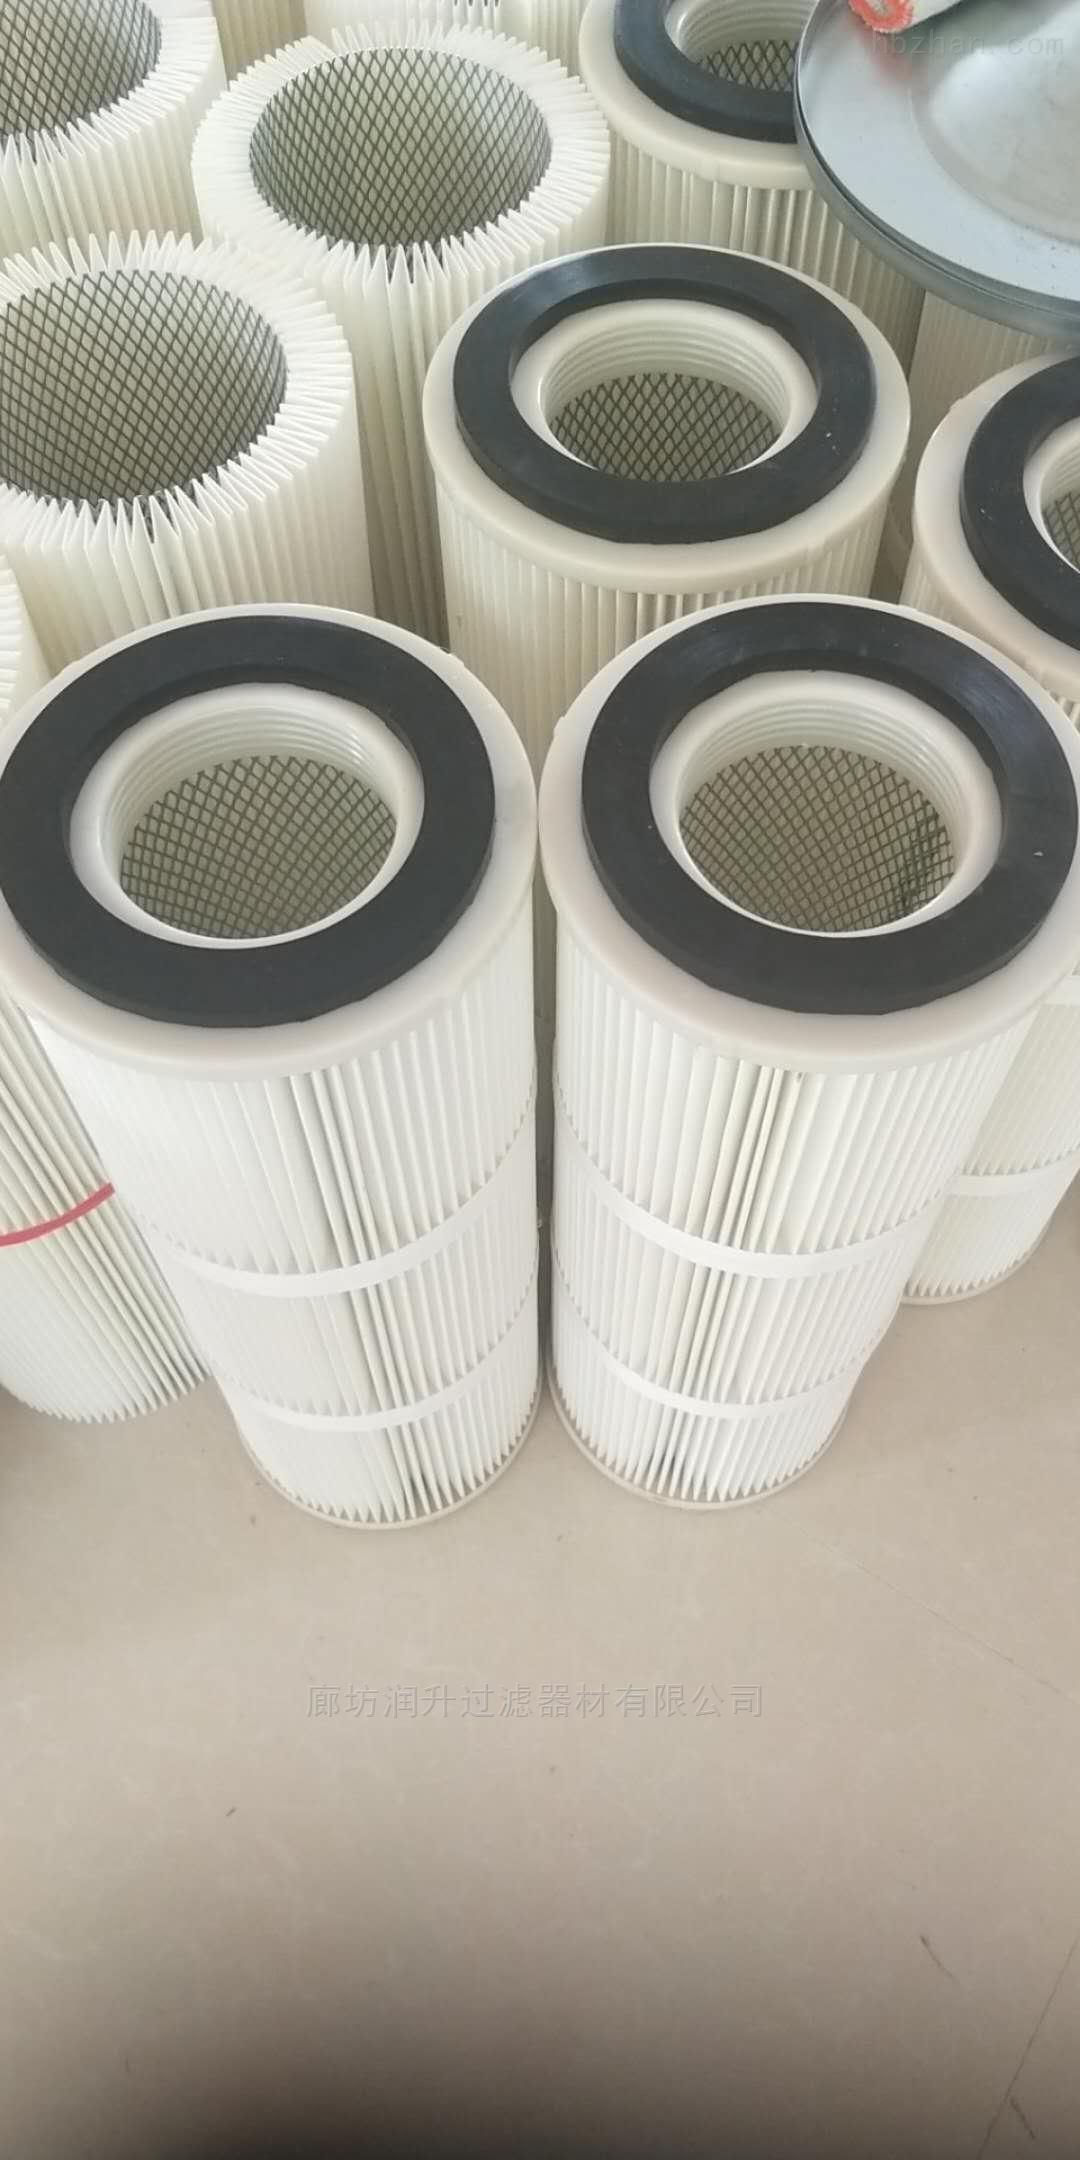 珠海化工厂污水处理滤芯厂家价格